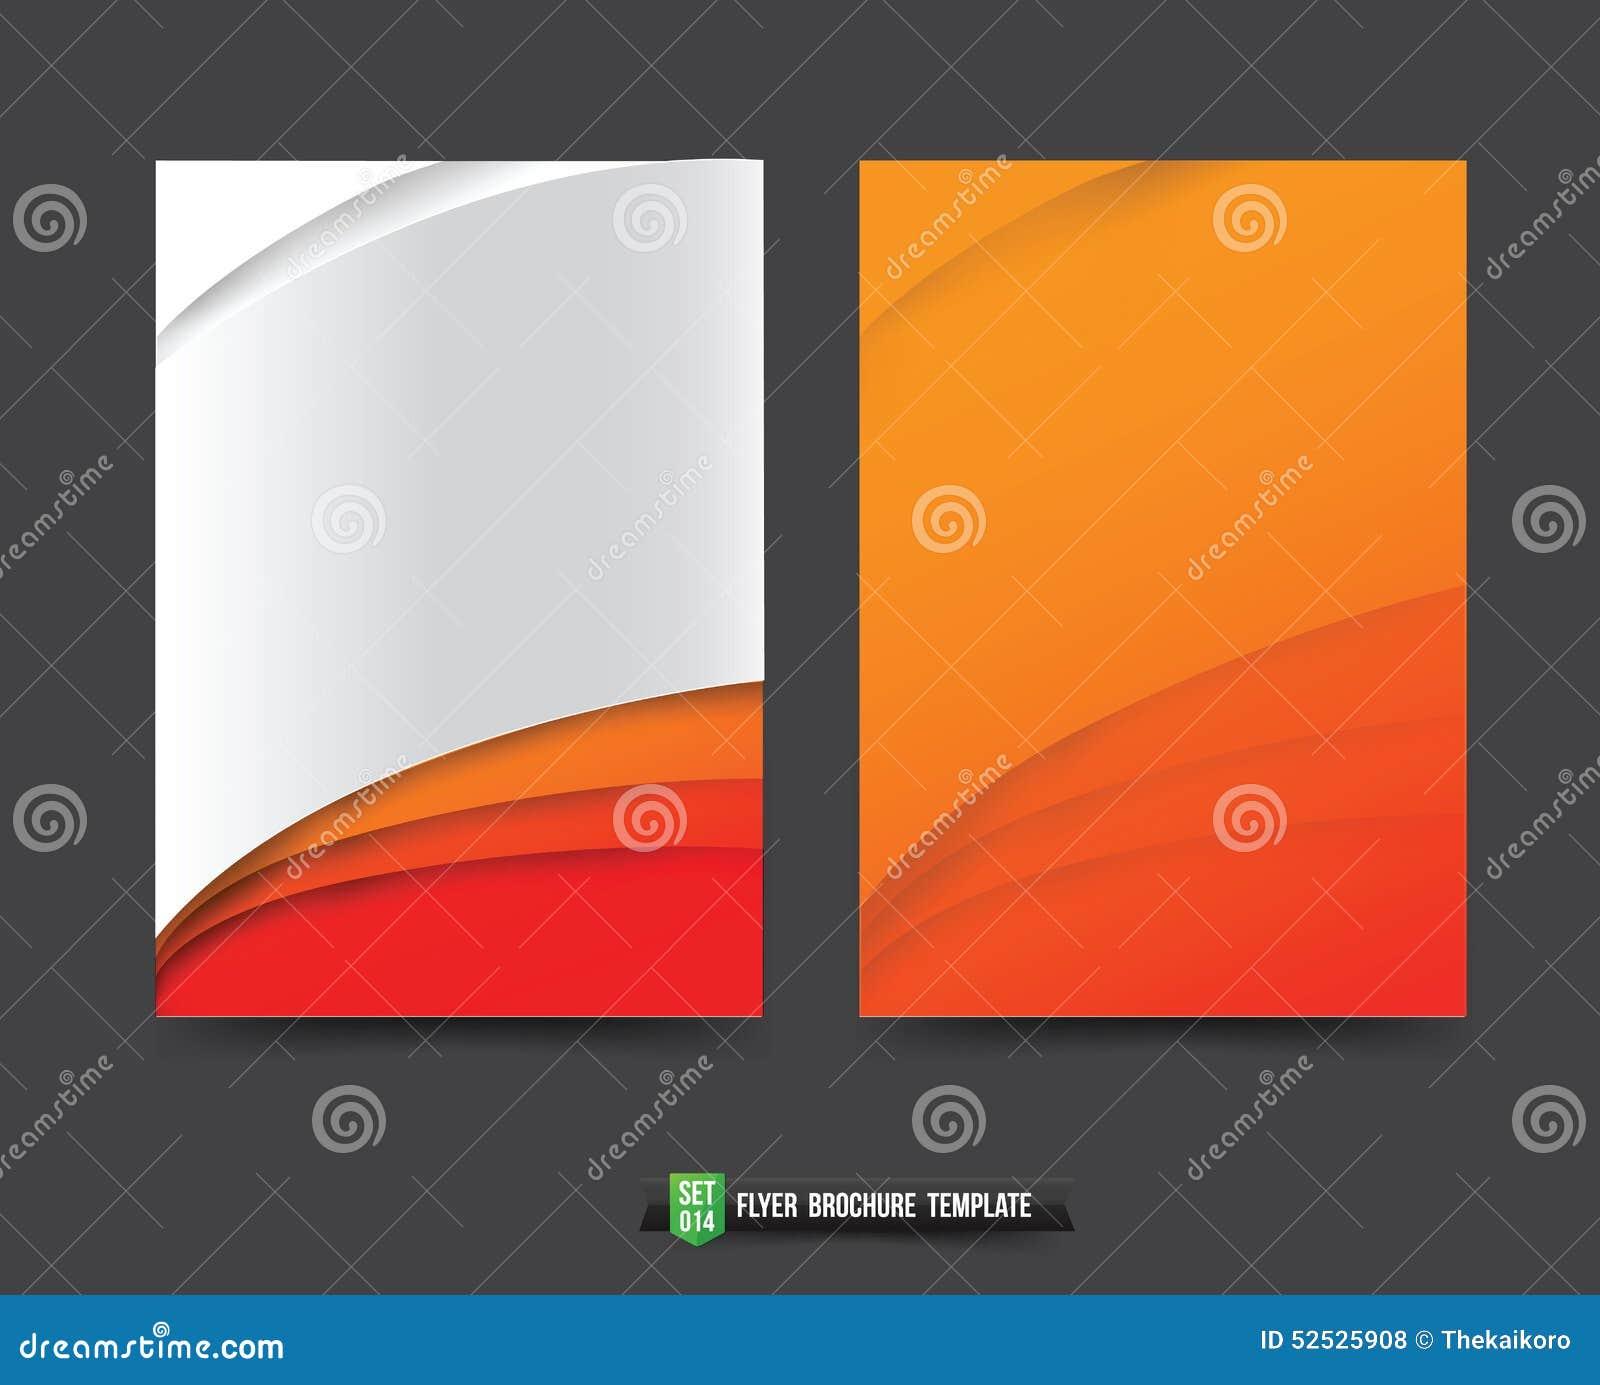 Le fond de brochure d insecte templated l élément de courbe de 014 oranges